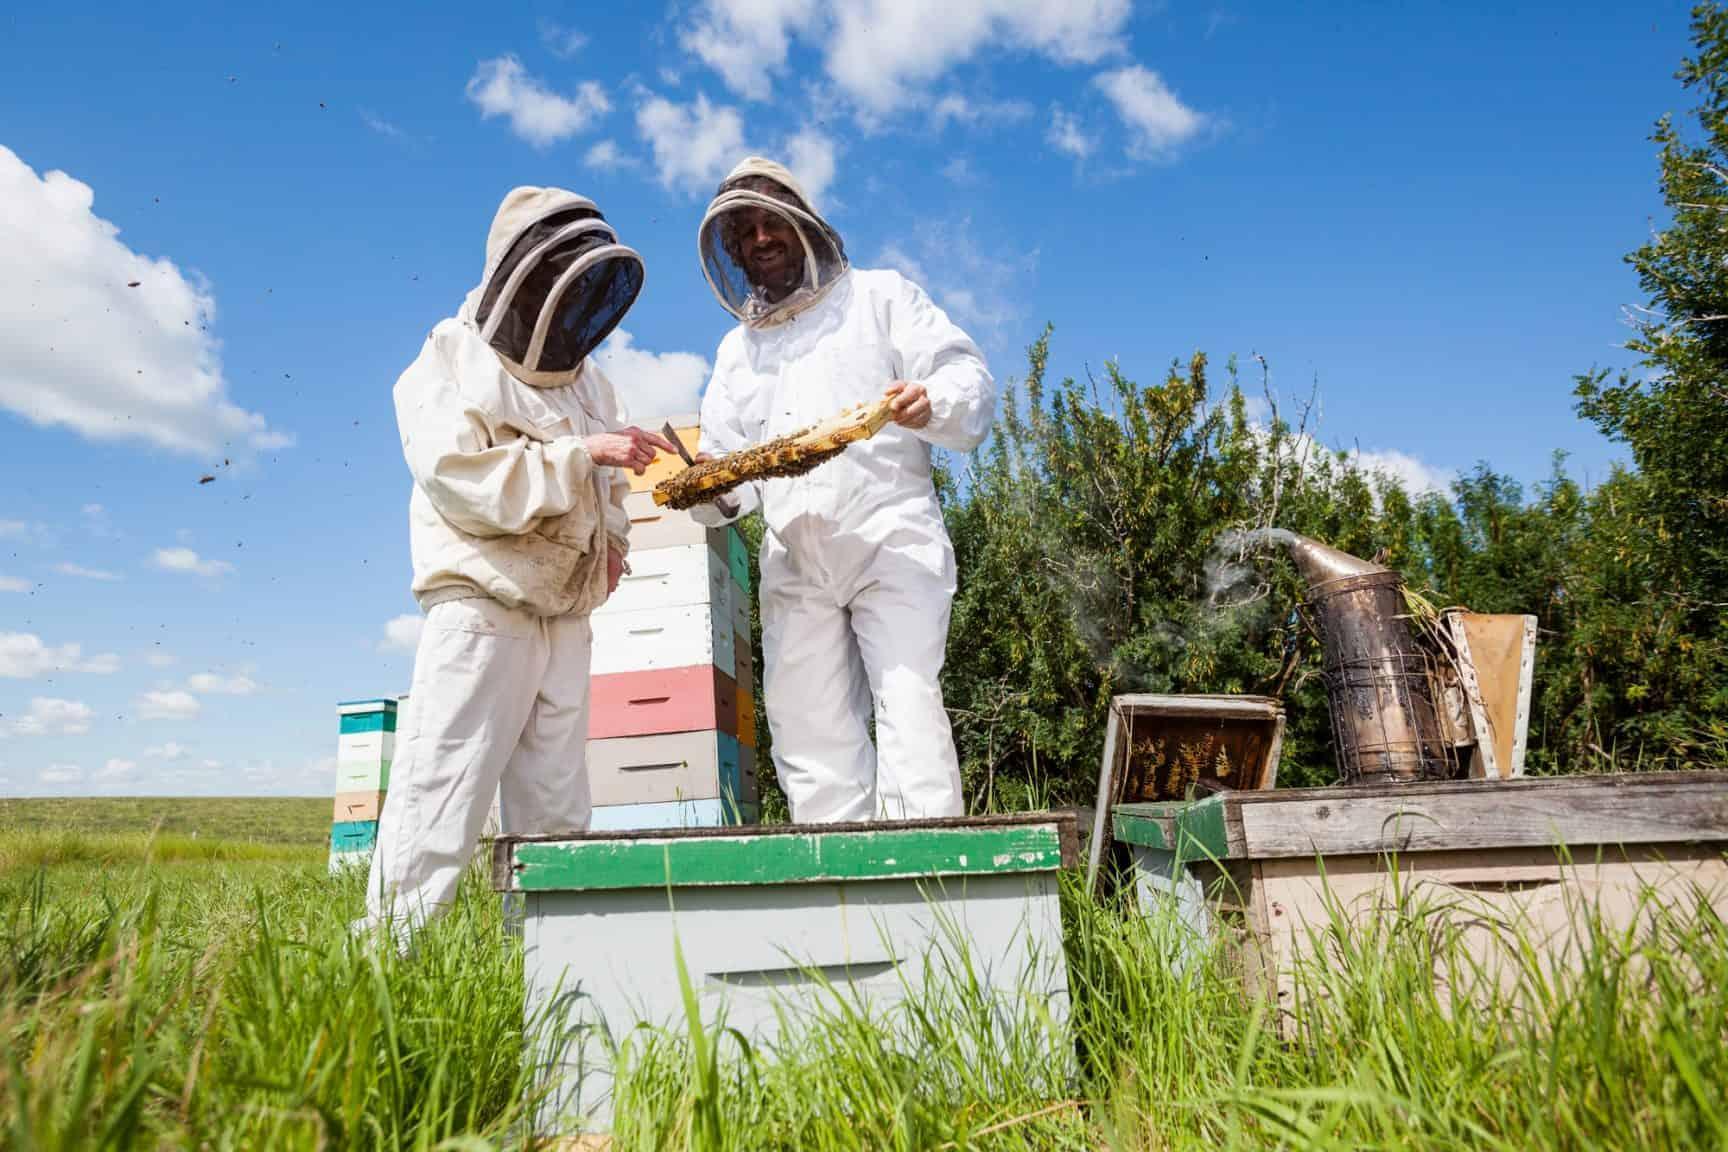 Beekeepers Examining Honeycomb